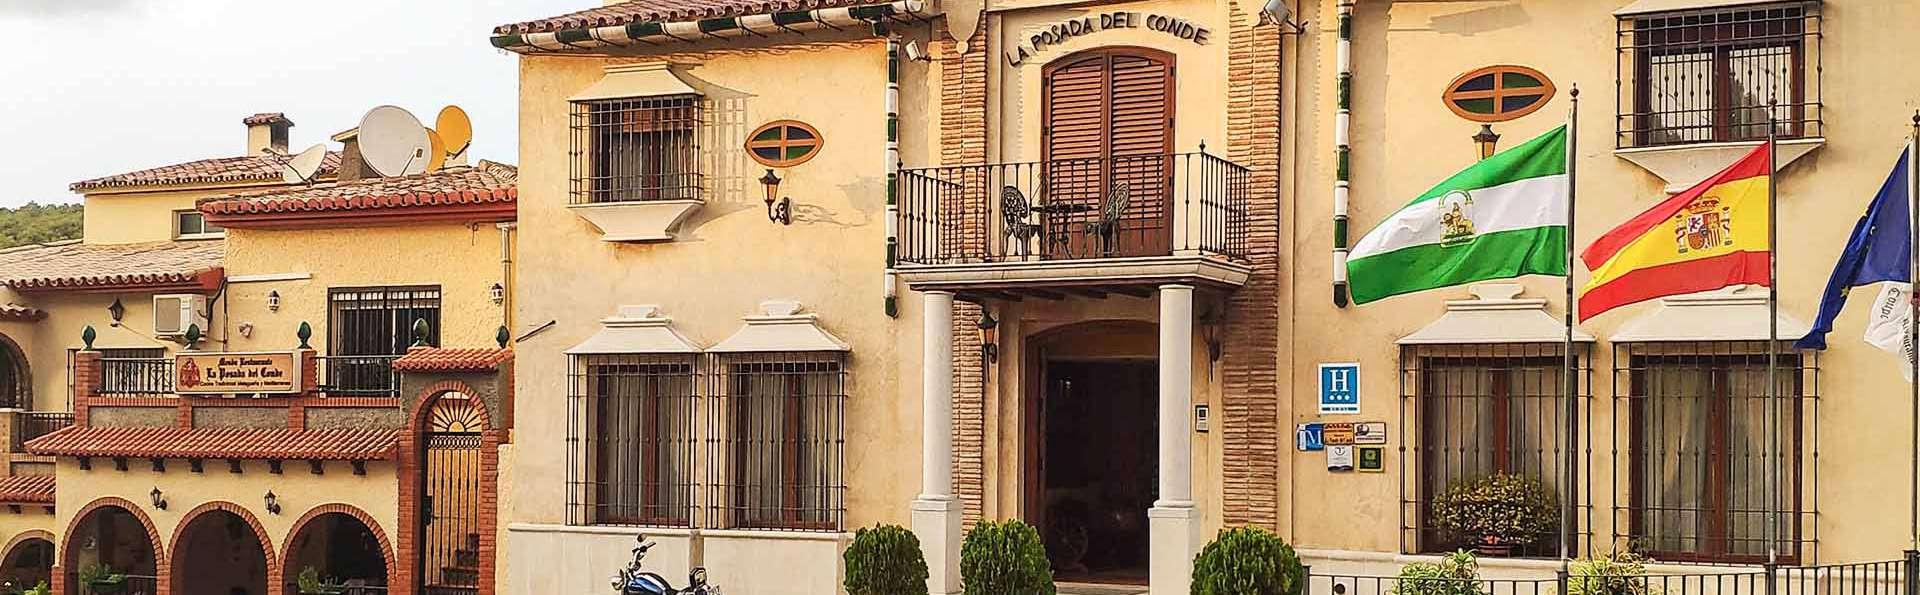 Hotel La Posada del Conde - EDIT_FRONT_01.jpg